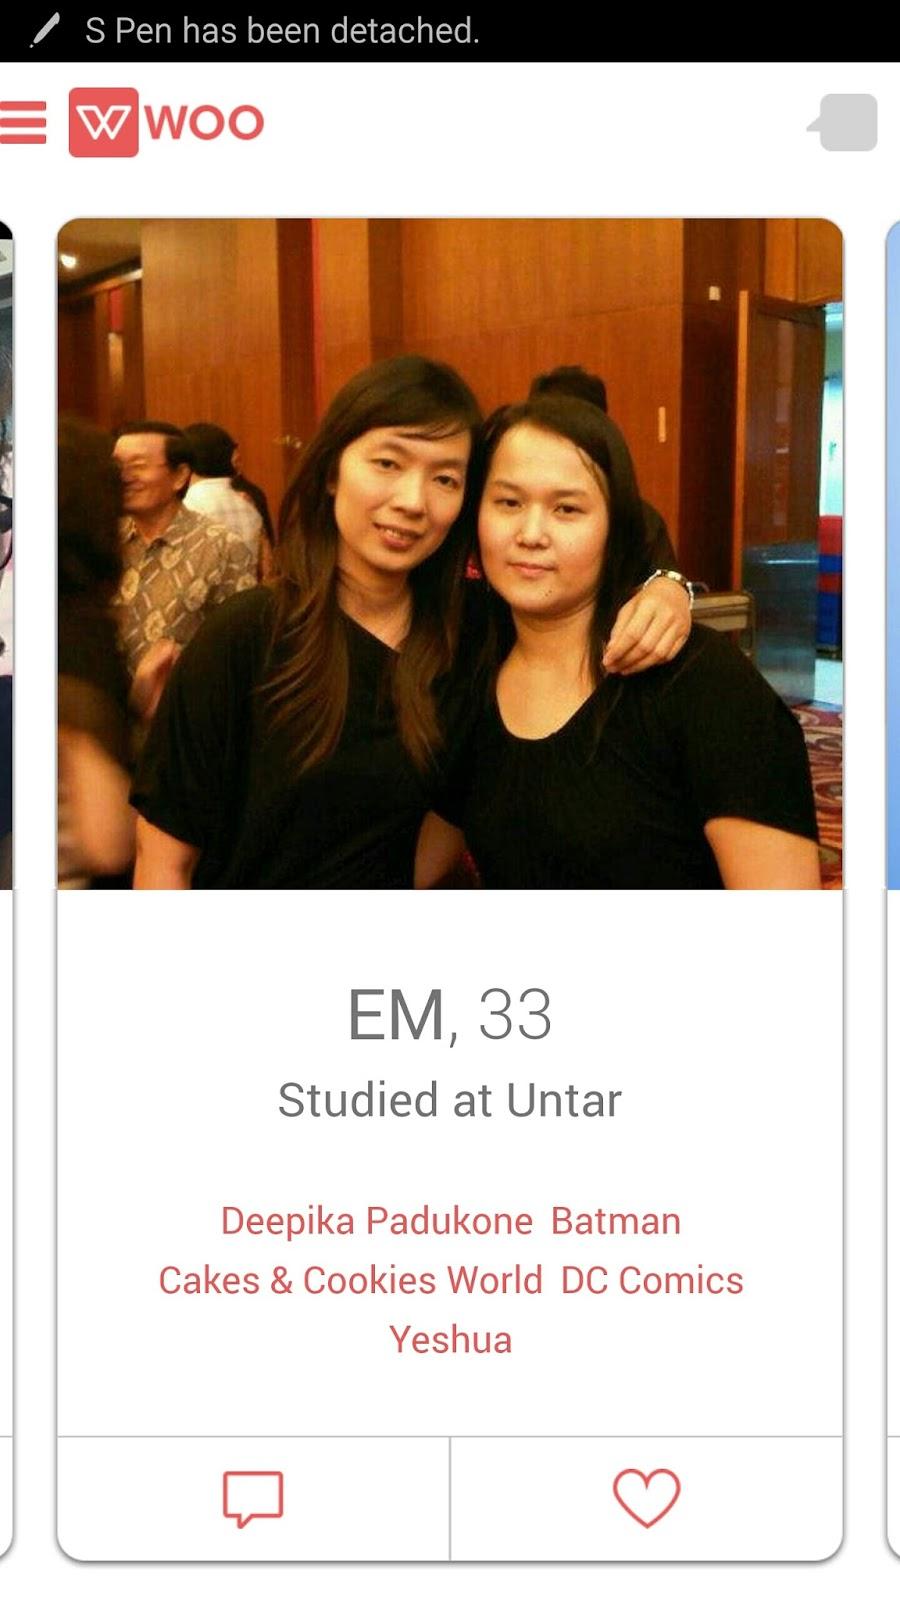 Alitt Author At Blog Indonesia Page 4 Of Tcash Vaganza 17 Varka V189 Sepatu Casual Dan Olahraga Wanita Selain Itu Lo Juga Bisa Kirim Direct Message Ke Orang Yang Suka Sehingga Dia Menyadari Kalo Tertarik Sama Bakal